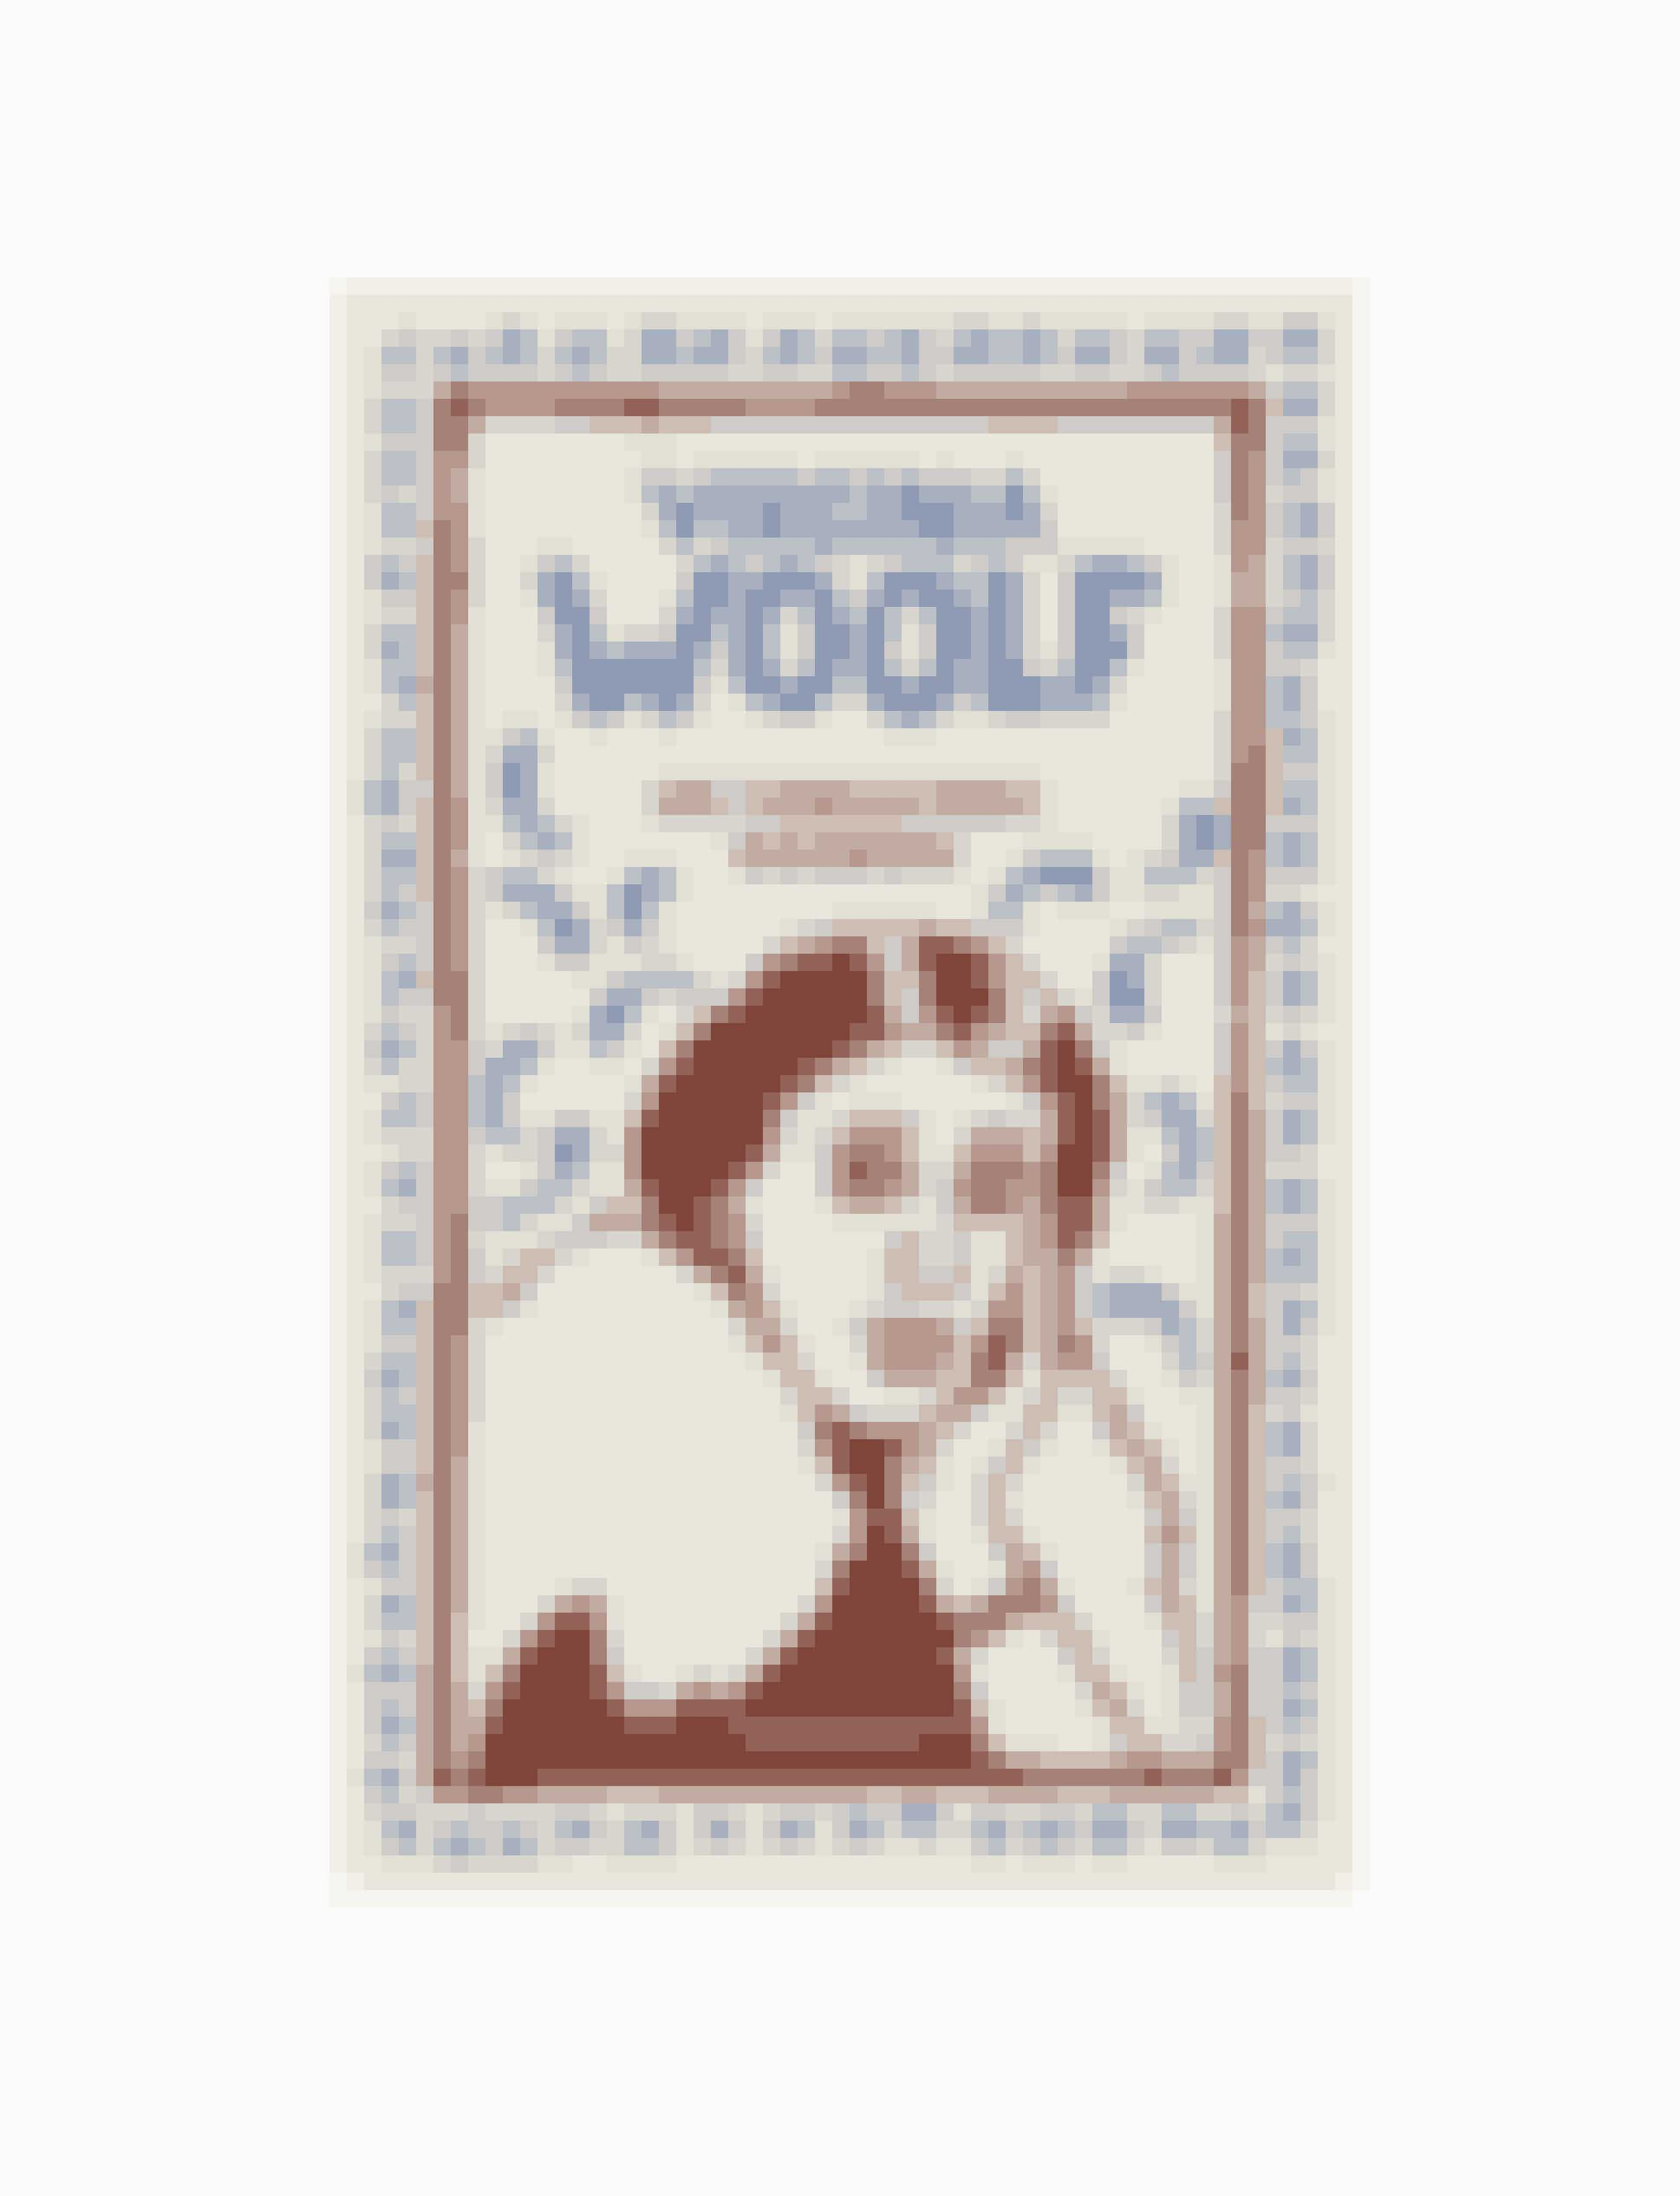 Godnatlæsning. Virginia Wolf – En forfatters dagbog, oversat af Karsten Sand Iversen, Rosinante, 300 kr.Køb online her.